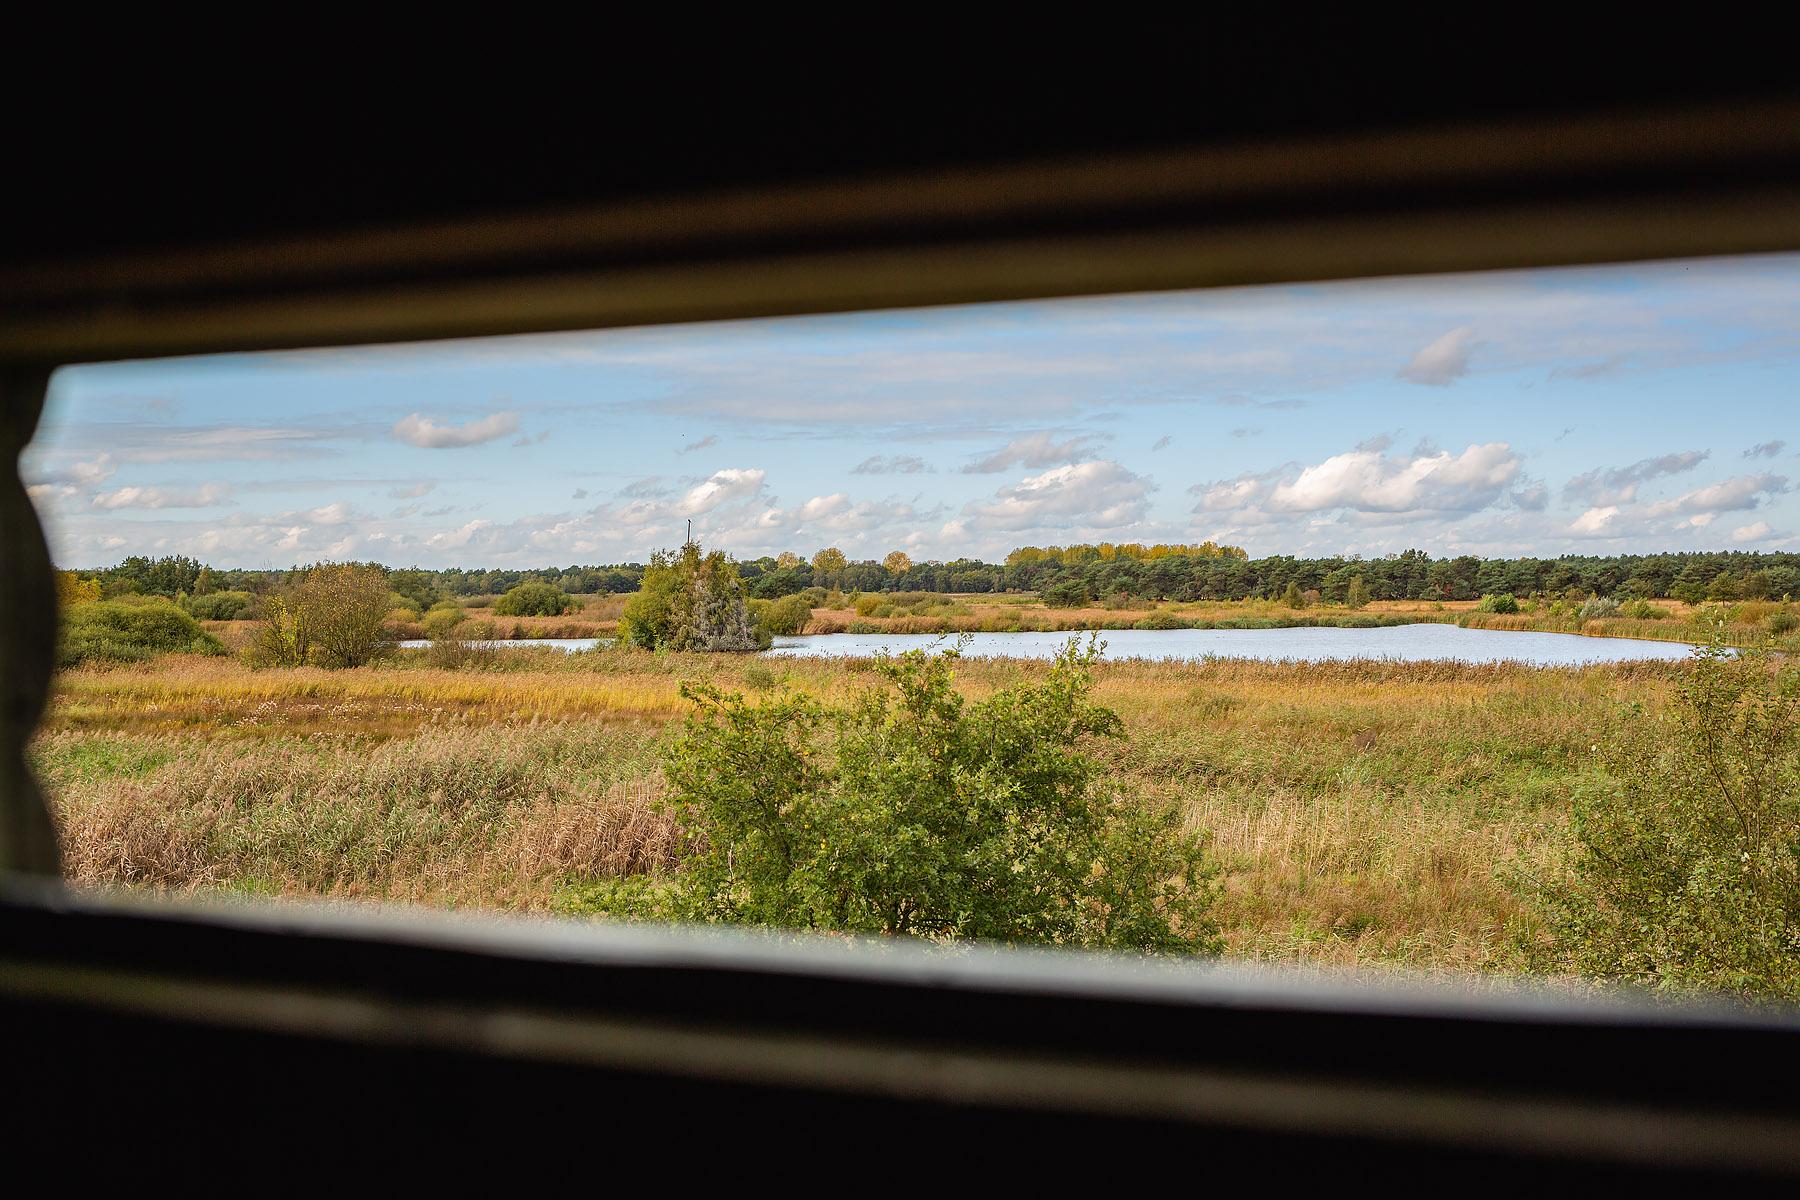 Zicht uit uitkijktoren in het Hageven in Pelt (Neerpelt), West-Vlaamse landschapsfotograaf Glenn Vanderbeke